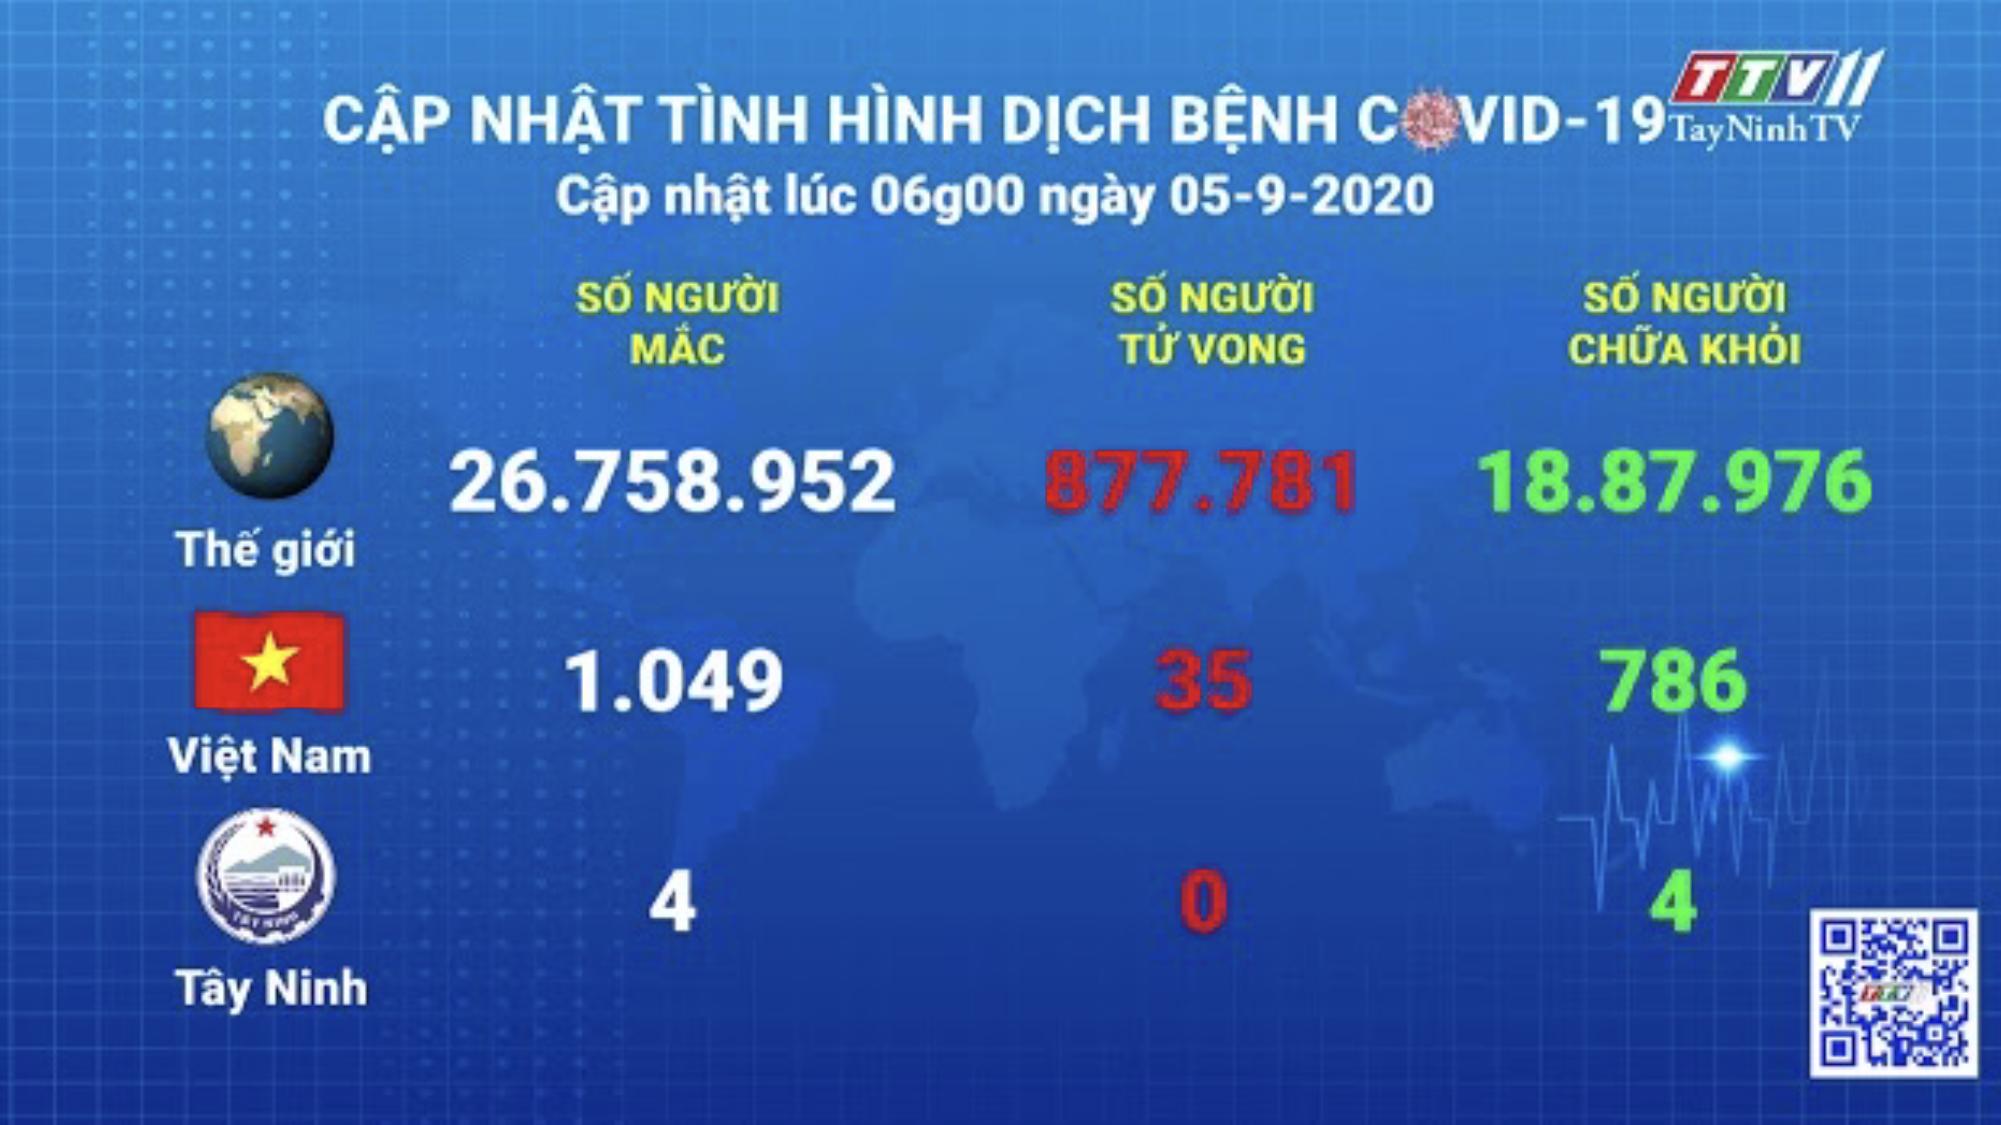 Cập nhật tình hình Covid-19 vào lúc 06 giờ 05-9-2020 | Thông tin dịch Covid-19 | TayNinhTV